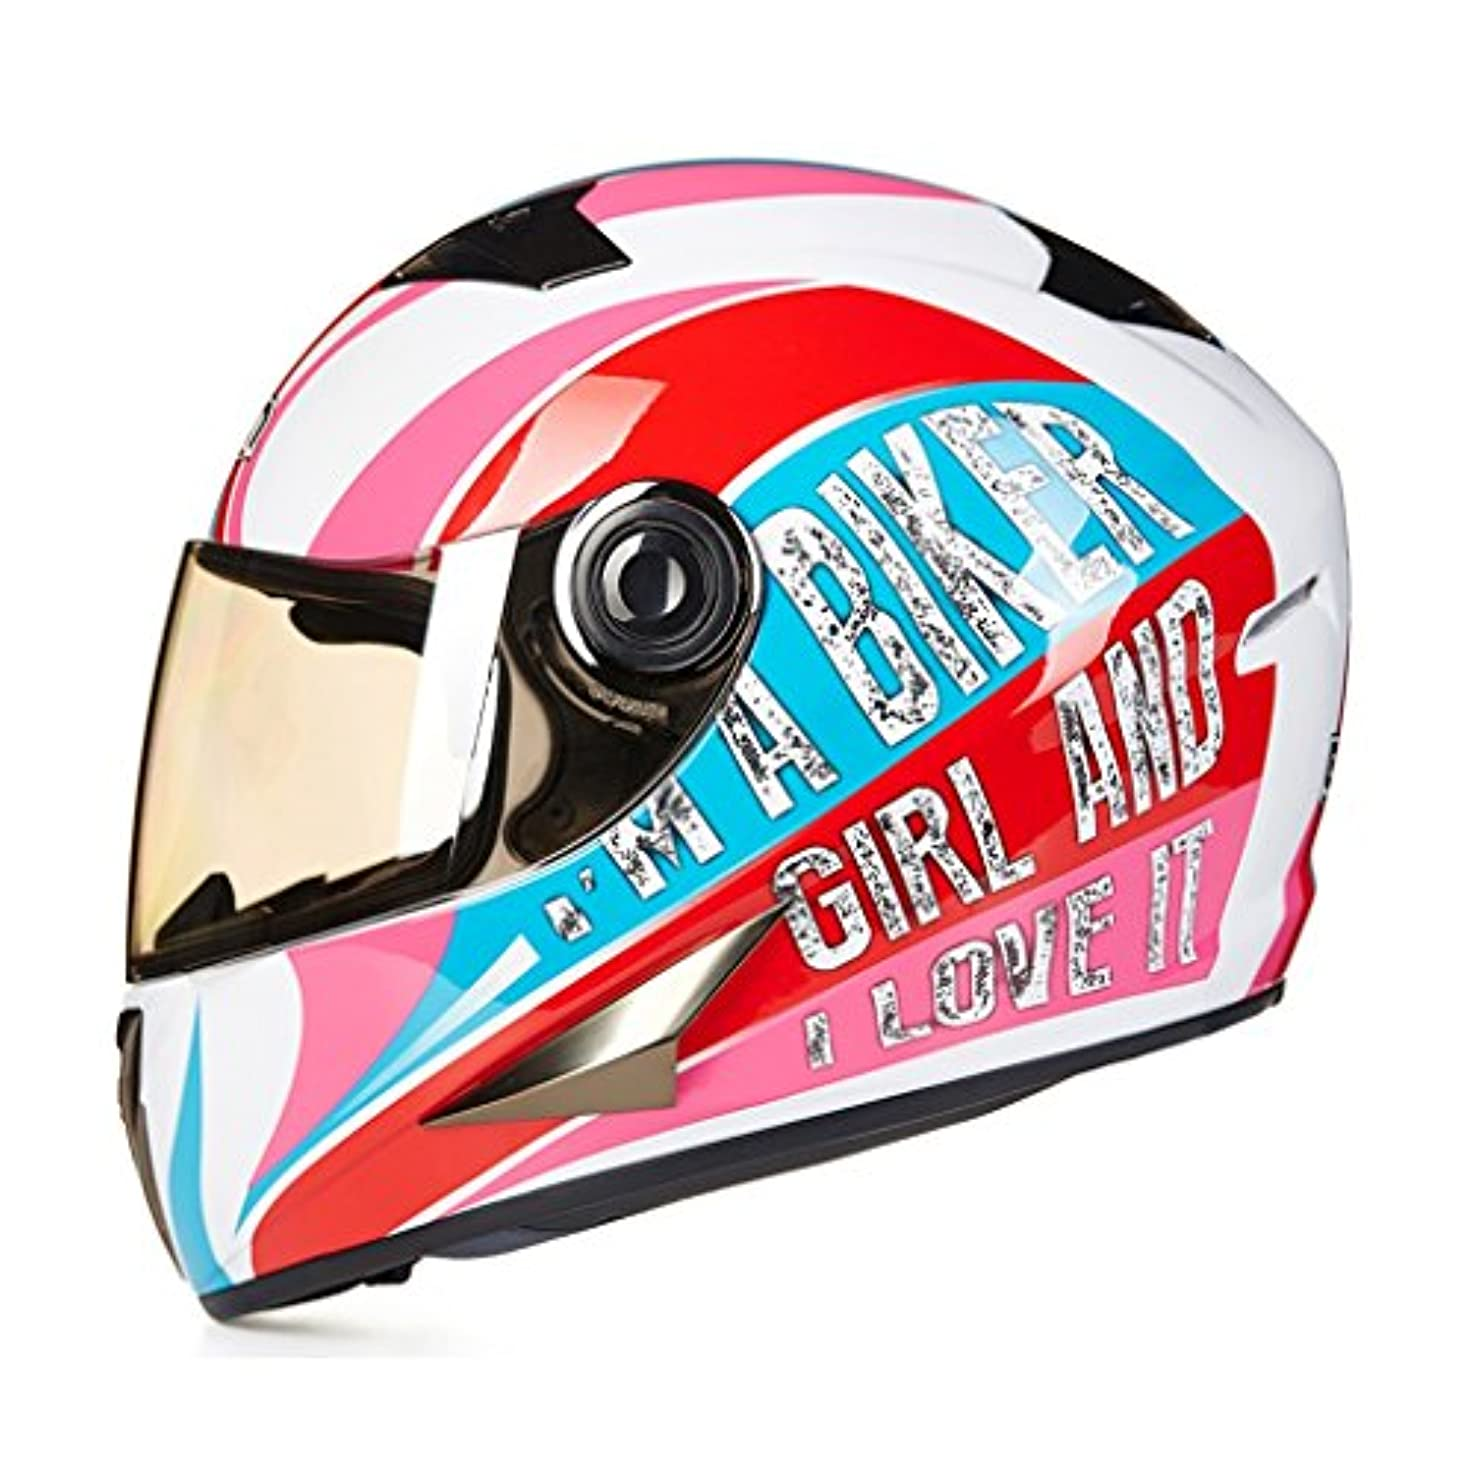 二層舌すすり泣き男性と女性のためのパーソナライズオートバイヘルメットフルカバレッジヘルメットオートバイフルヘルメットレースオートバイヘルメット (Color : Pink, Size : XL)